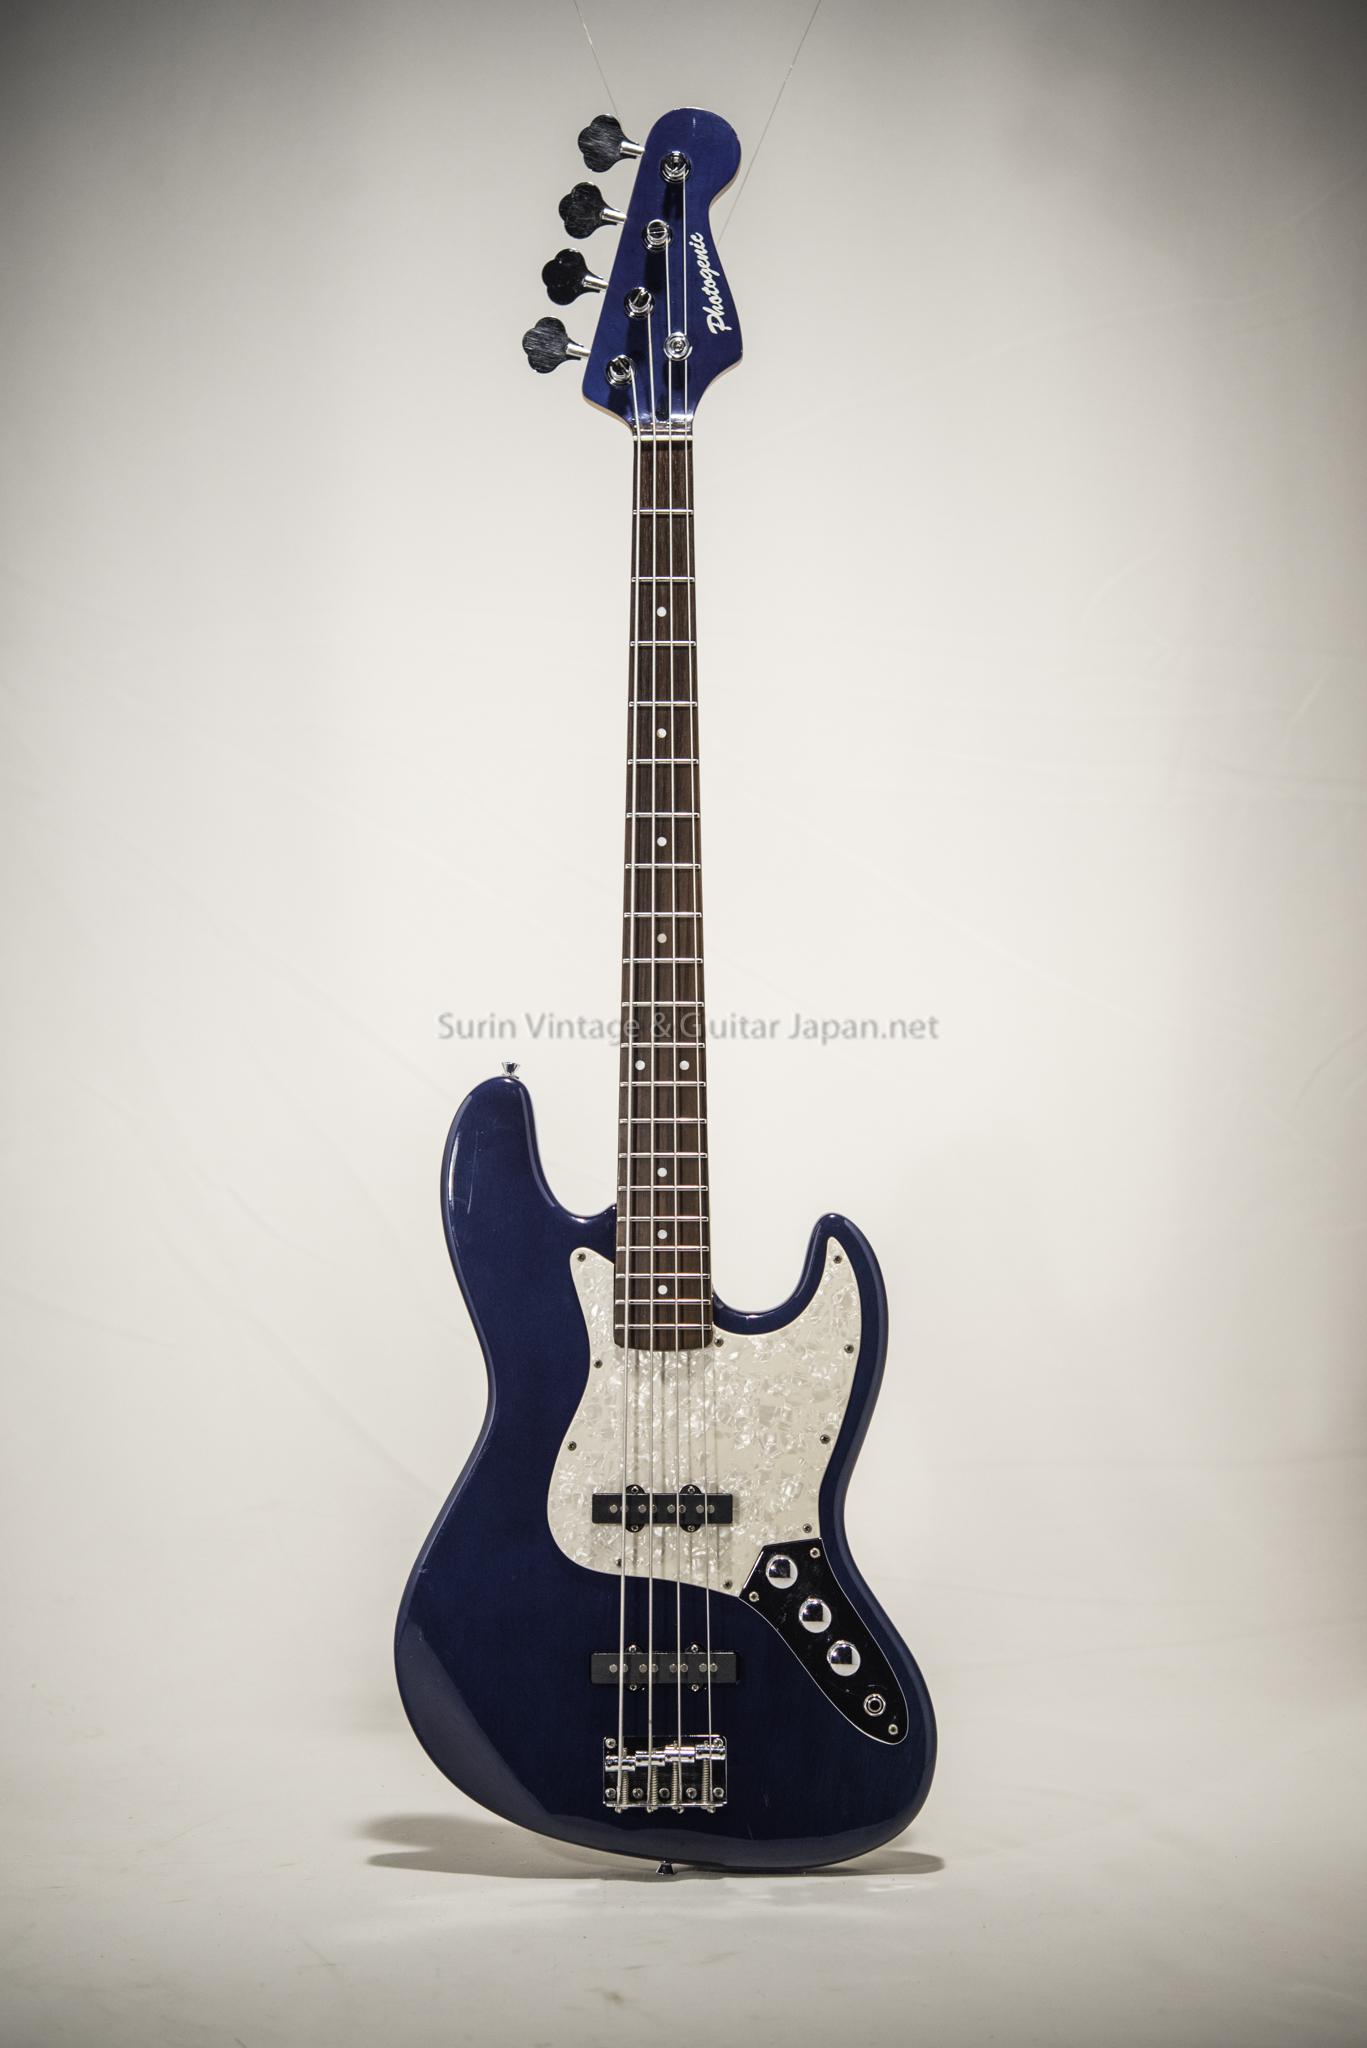 กีต้าร์เบสไฟฟ้ามือสอง Photogenic JB-Blue No.24